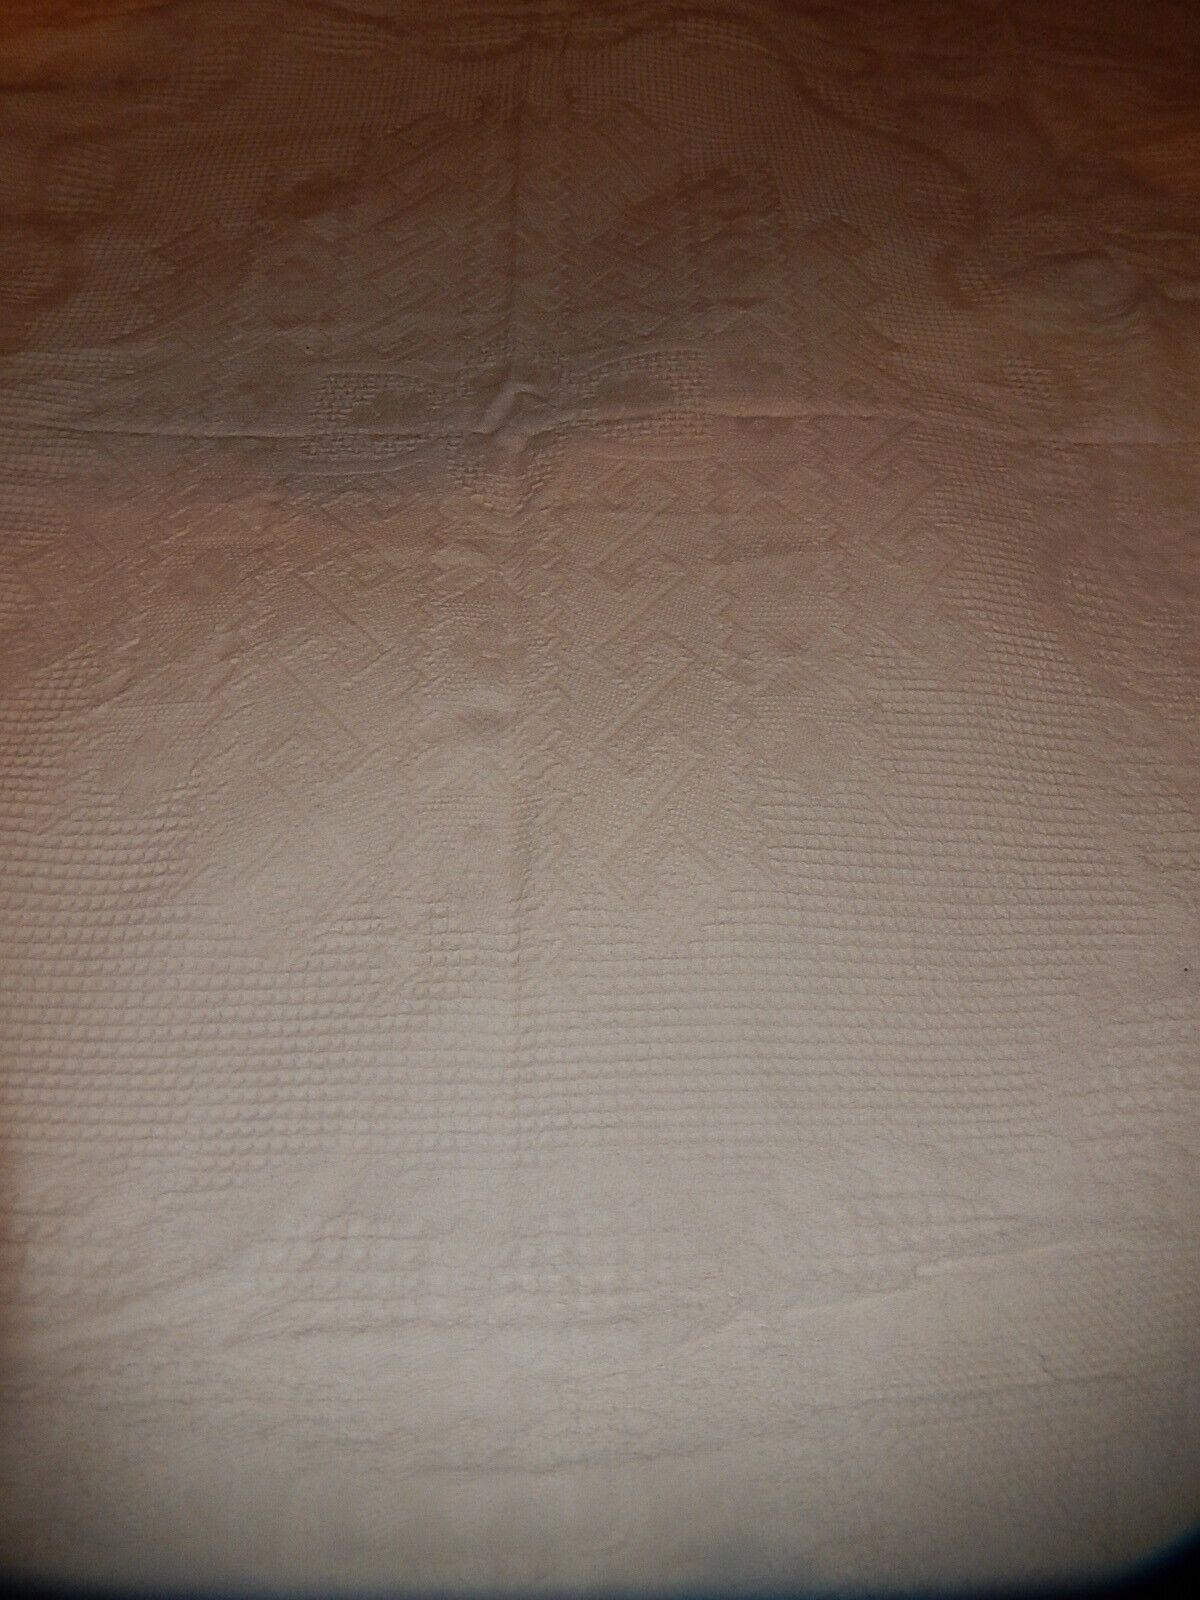 Ancien couvre lit dessus canapÉ coton blanc  franges dÉcoration vintage linge